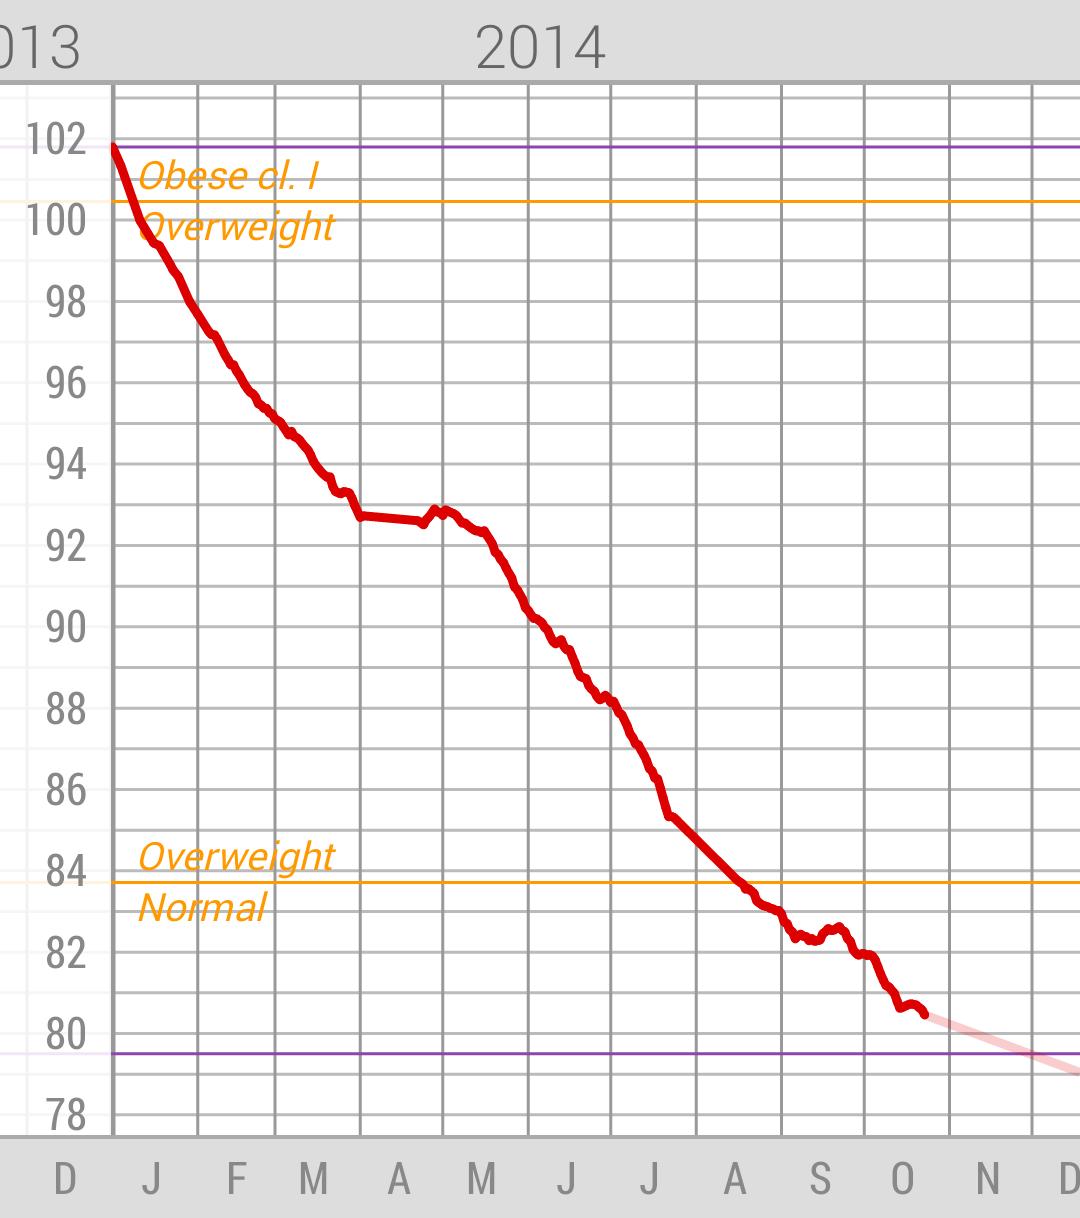 Wykres mojej wagi ciała w 2014.